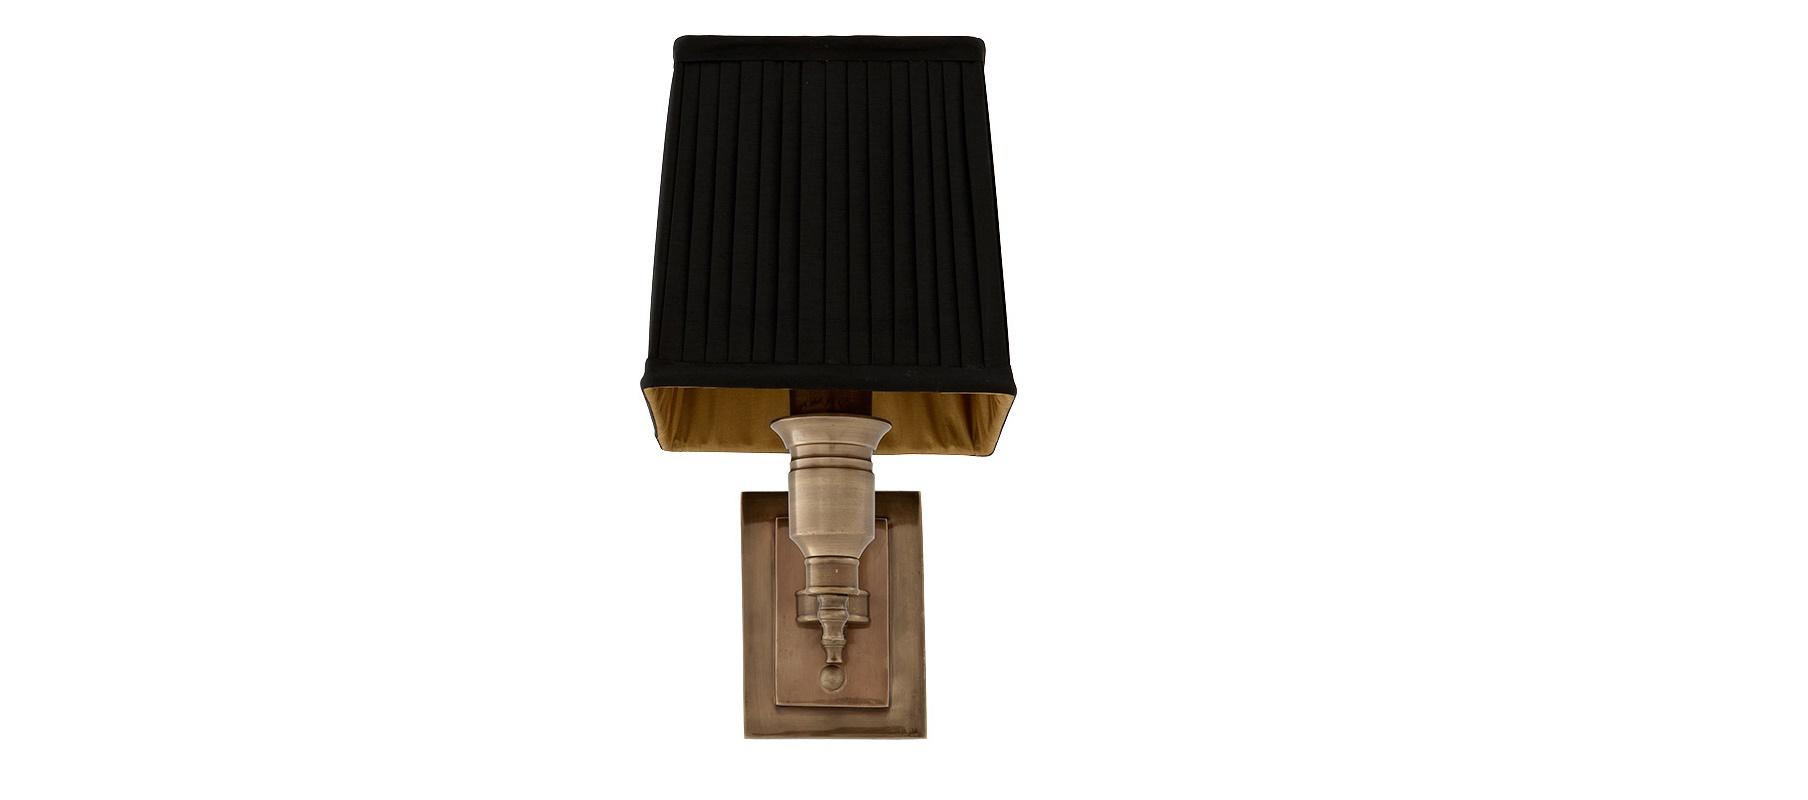 Бра Lexington SingleБра<br>&amp;lt;div&amp;gt;Этот светильник выполнен в лучших традициях английского стиля. Элегантный черный абажур из плиссированной ткани - главное украшение бра. Классические формы в сочетании с латунным основанием из металла создают строгий образ. Lexington Single, как истинный &amp;quot;британец&amp;quot;, консервативен и благороден. Его аристократичный силуэт придаст интерьеру внутреннюю сдержанность.&amp;lt;br&amp;gt;&amp;lt;/div&amp;gt;&amp;lt;div&amp;gt;&amp;lt;br&amp;gt;&amp;lt;/div&amp;gt;&amp;lt;div&amp;gt;Количество лампочек: 1&amp;lt;/div&amp;gt;&amp;lt;div&amp;gt;Мощность: 1&amp;lt;span class=&amp;quot;Apple-tab-span&amp;quot; style=&amp;quot;white-space:pre&amp;quot;&amp;gt;&amp;lt;/span&amp;gt;x 40 Вт&amp;lt;/div&amp;gt;&amp;lt;div&amp;gt;Тип лампы: НАКАЛИВАНИЯ, E14&amp;lt;/div&amp;gt;<br><br>Material: Металл<br>Ширина см: 27<br>Высота см: 22<br>Глубина см: 14